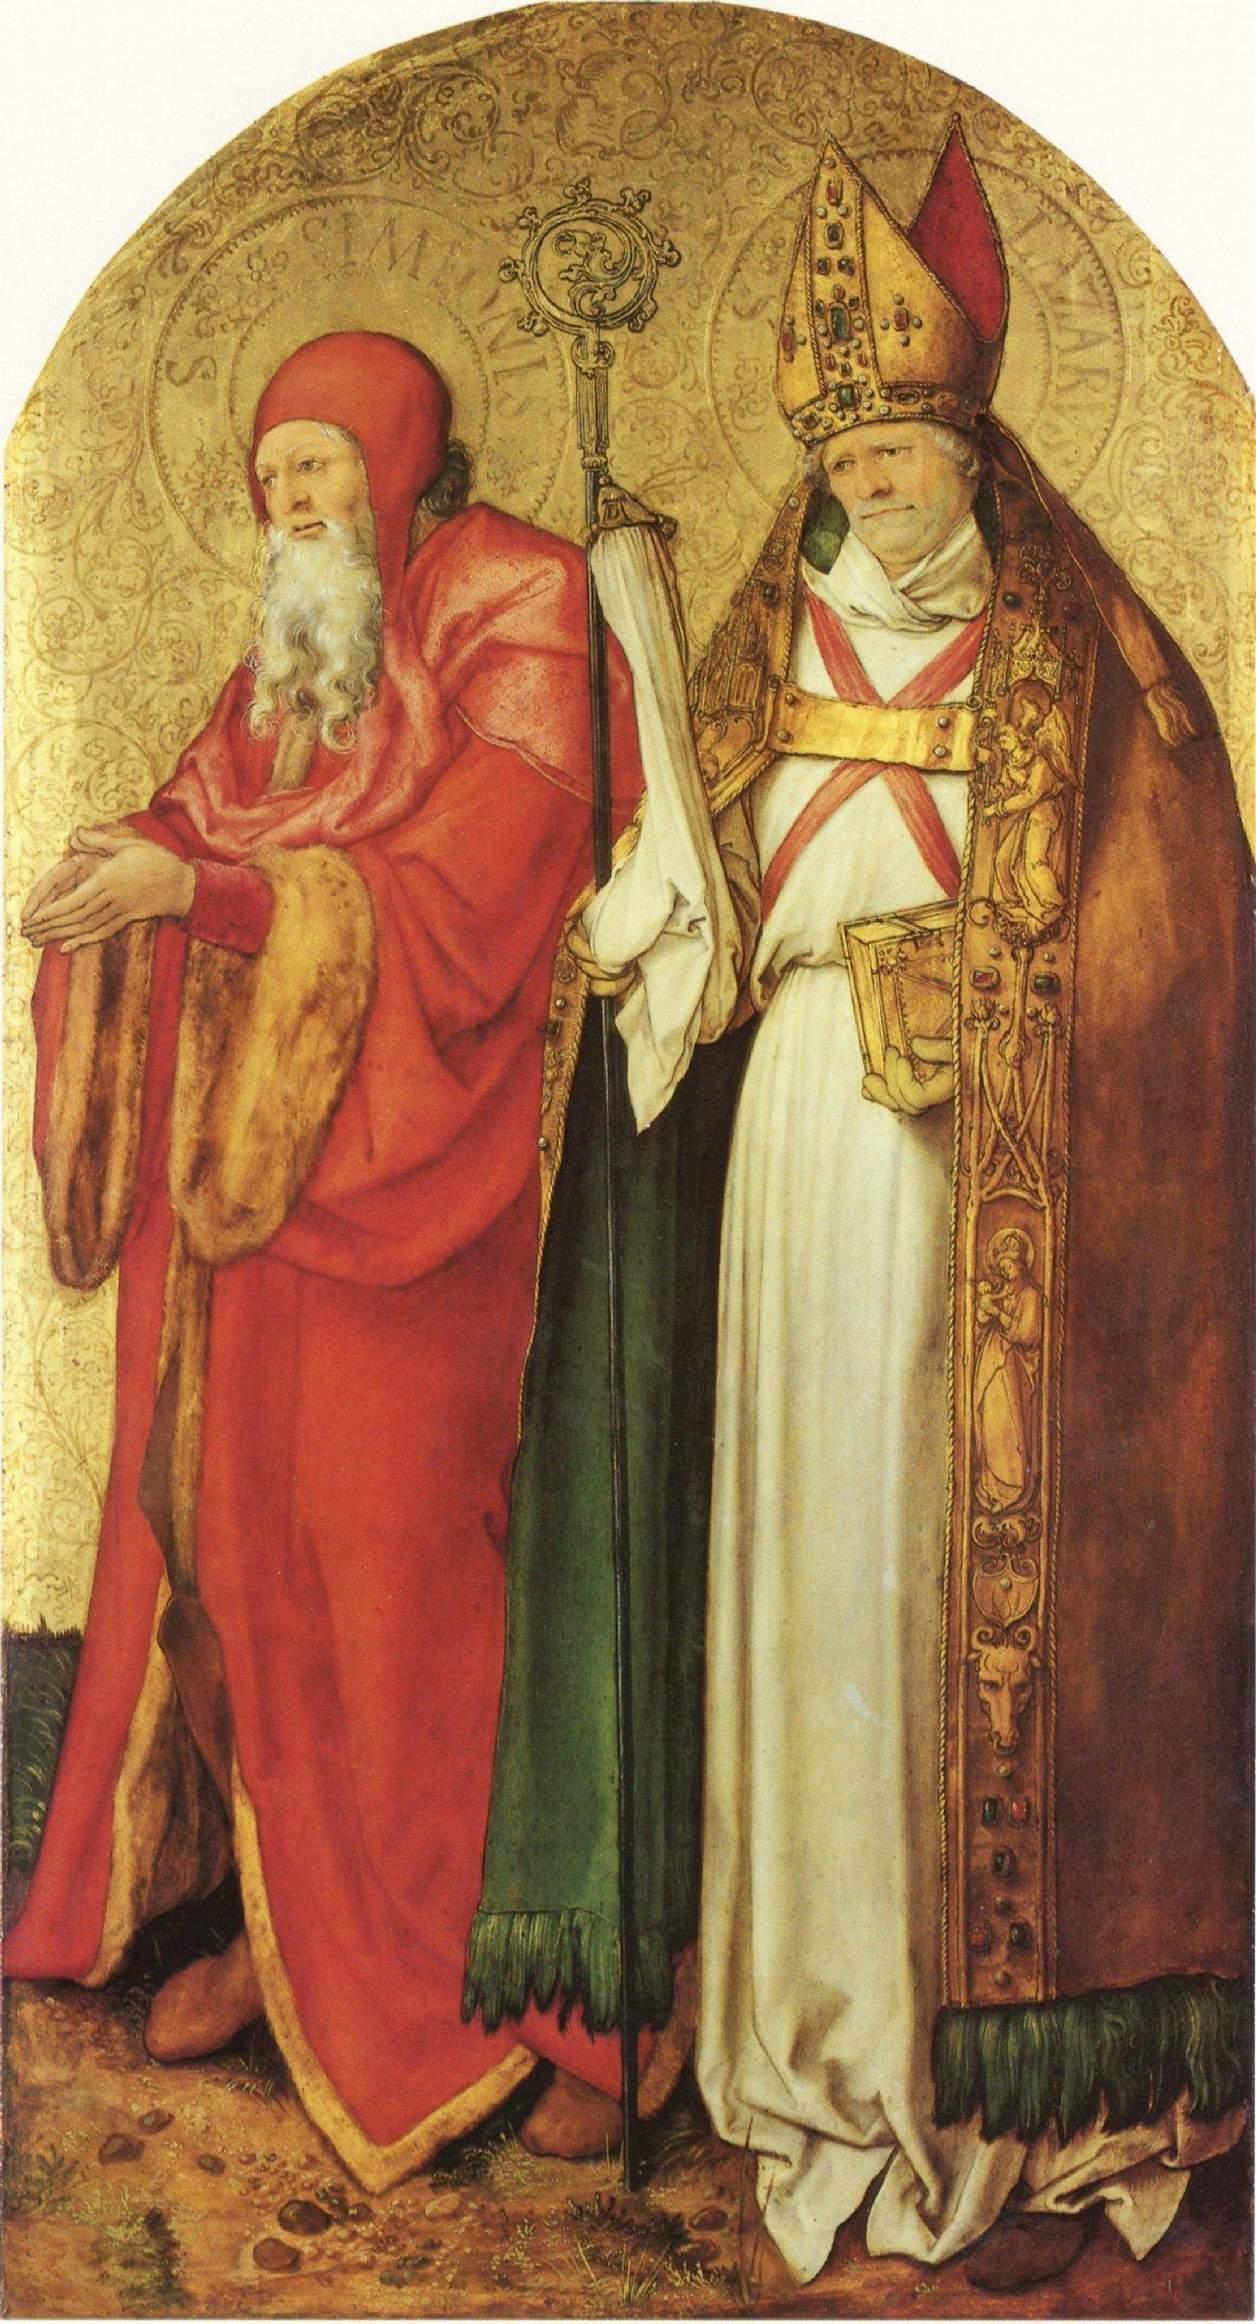 Алтарь Ябаха, внутренняя сторона правой створки. Святые Симеон и Лазарь, Альбрехт Дюрер